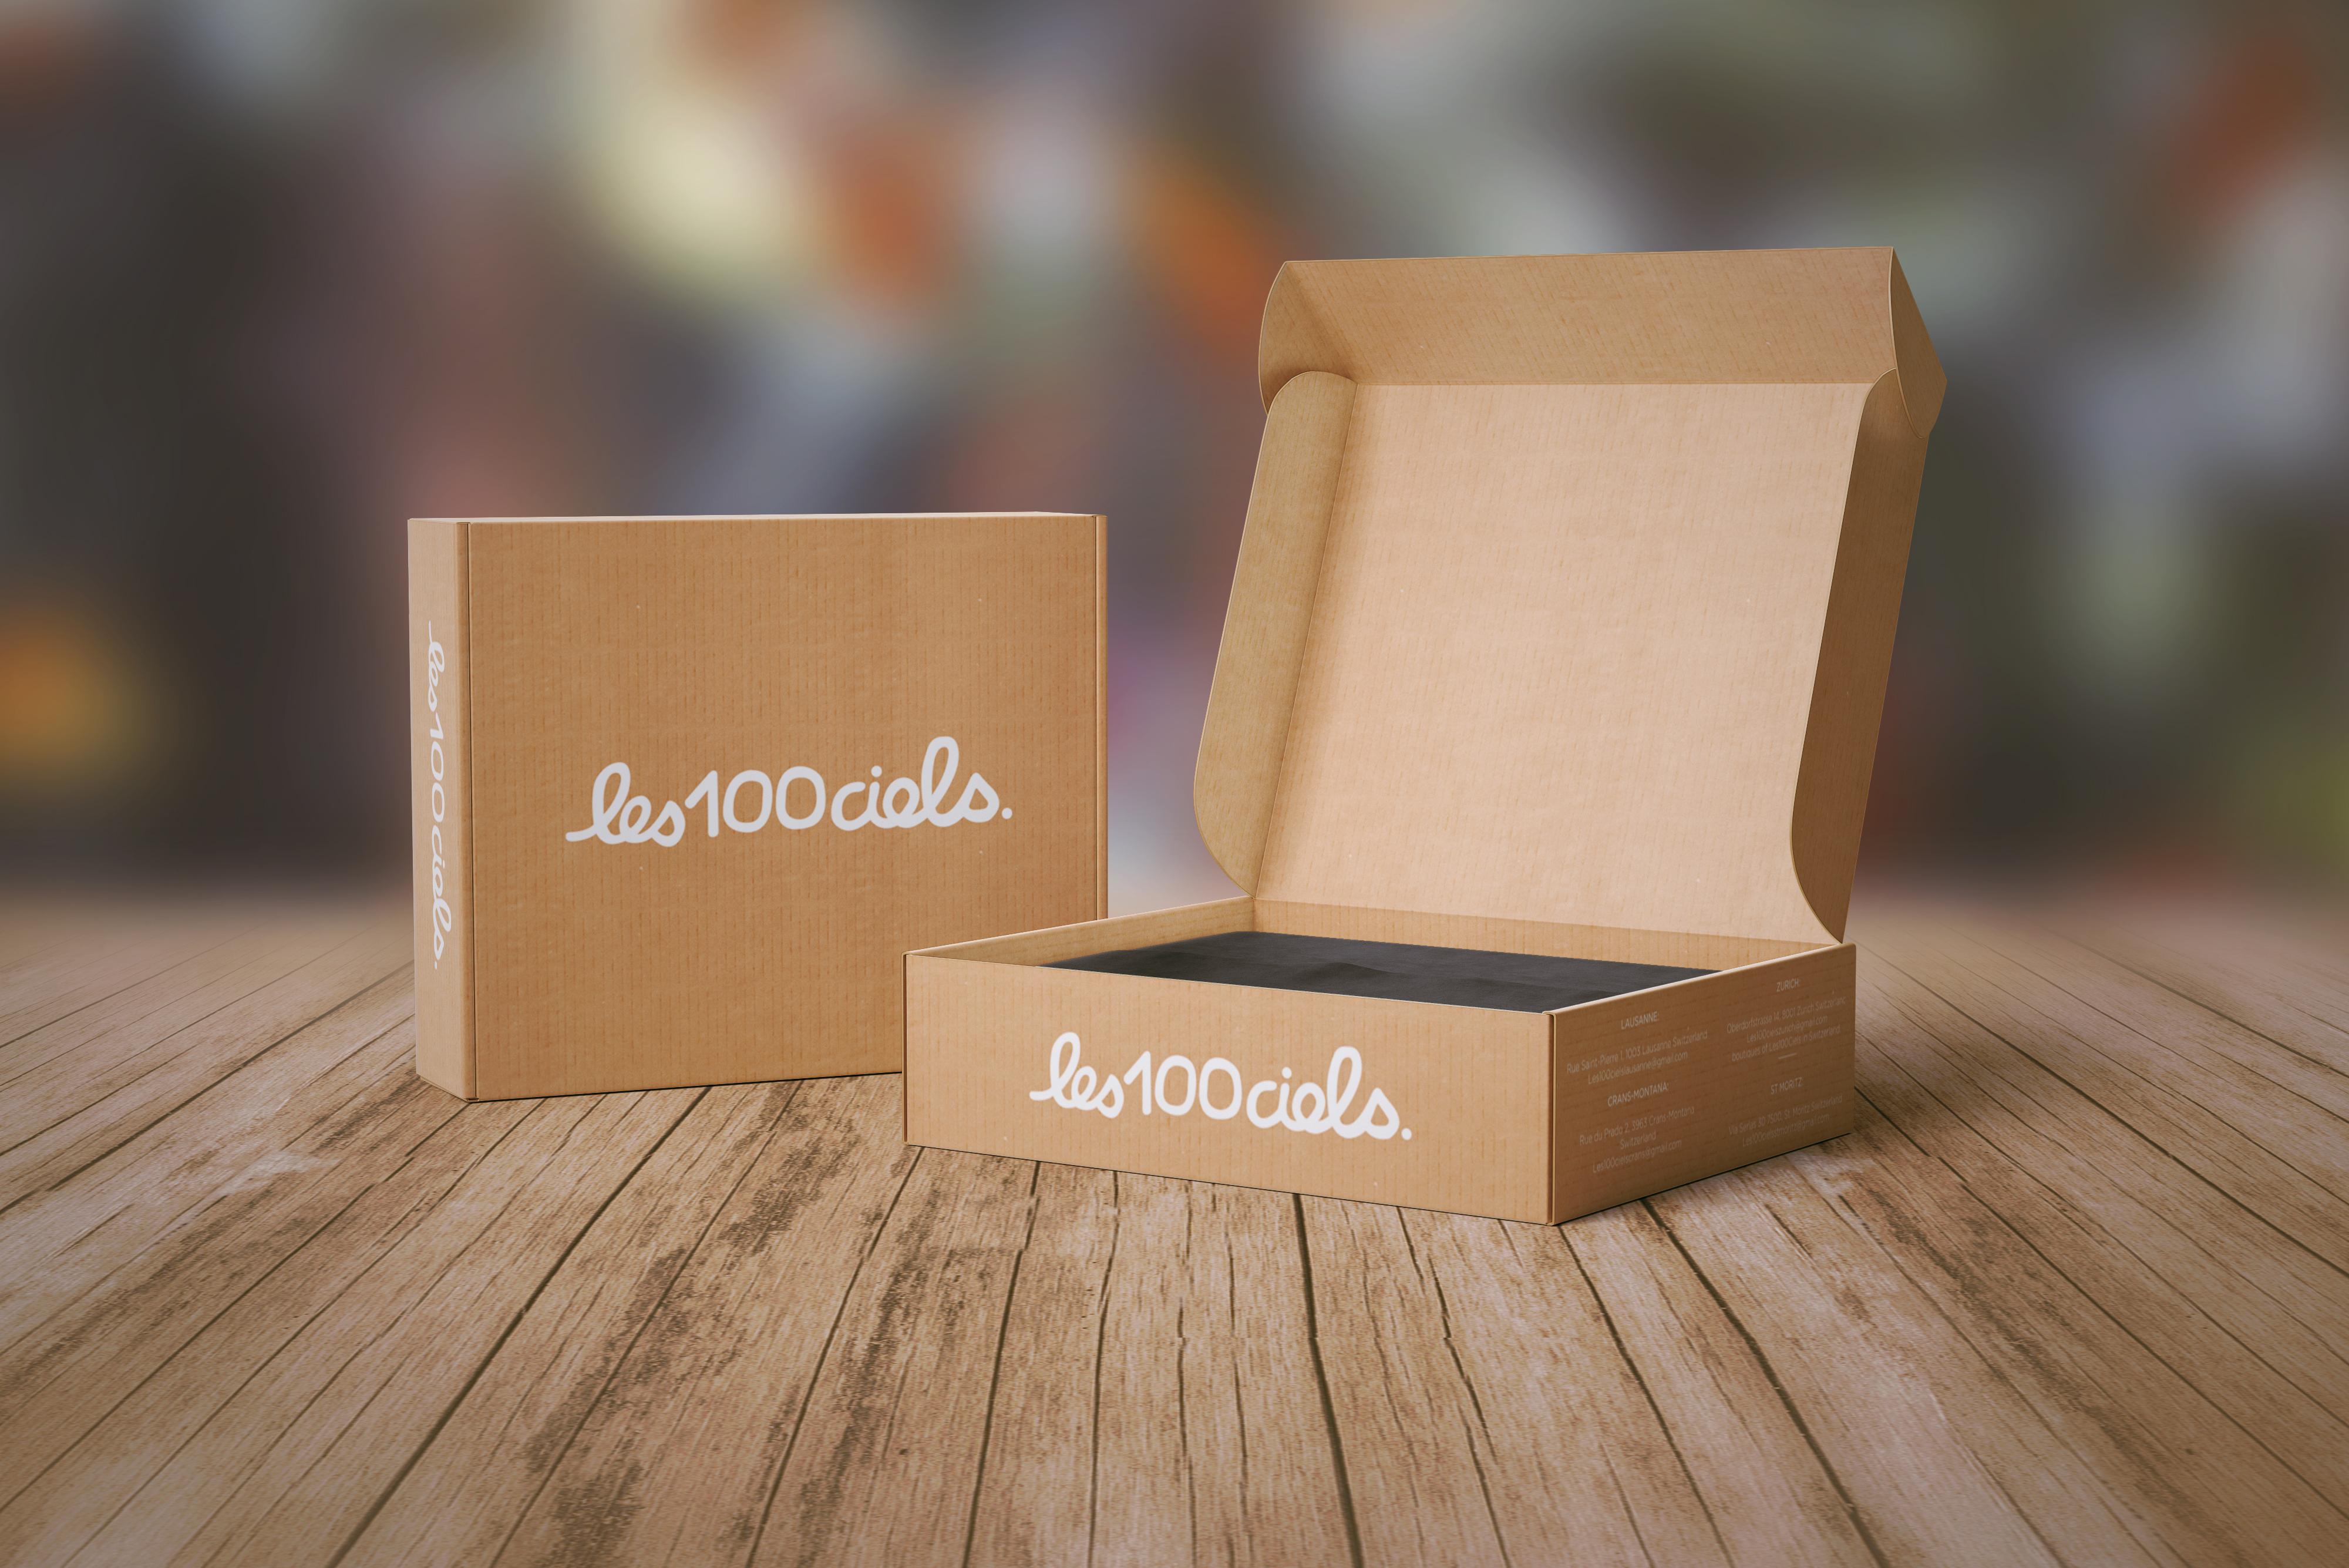 tanie pudełko tekturowe z logo